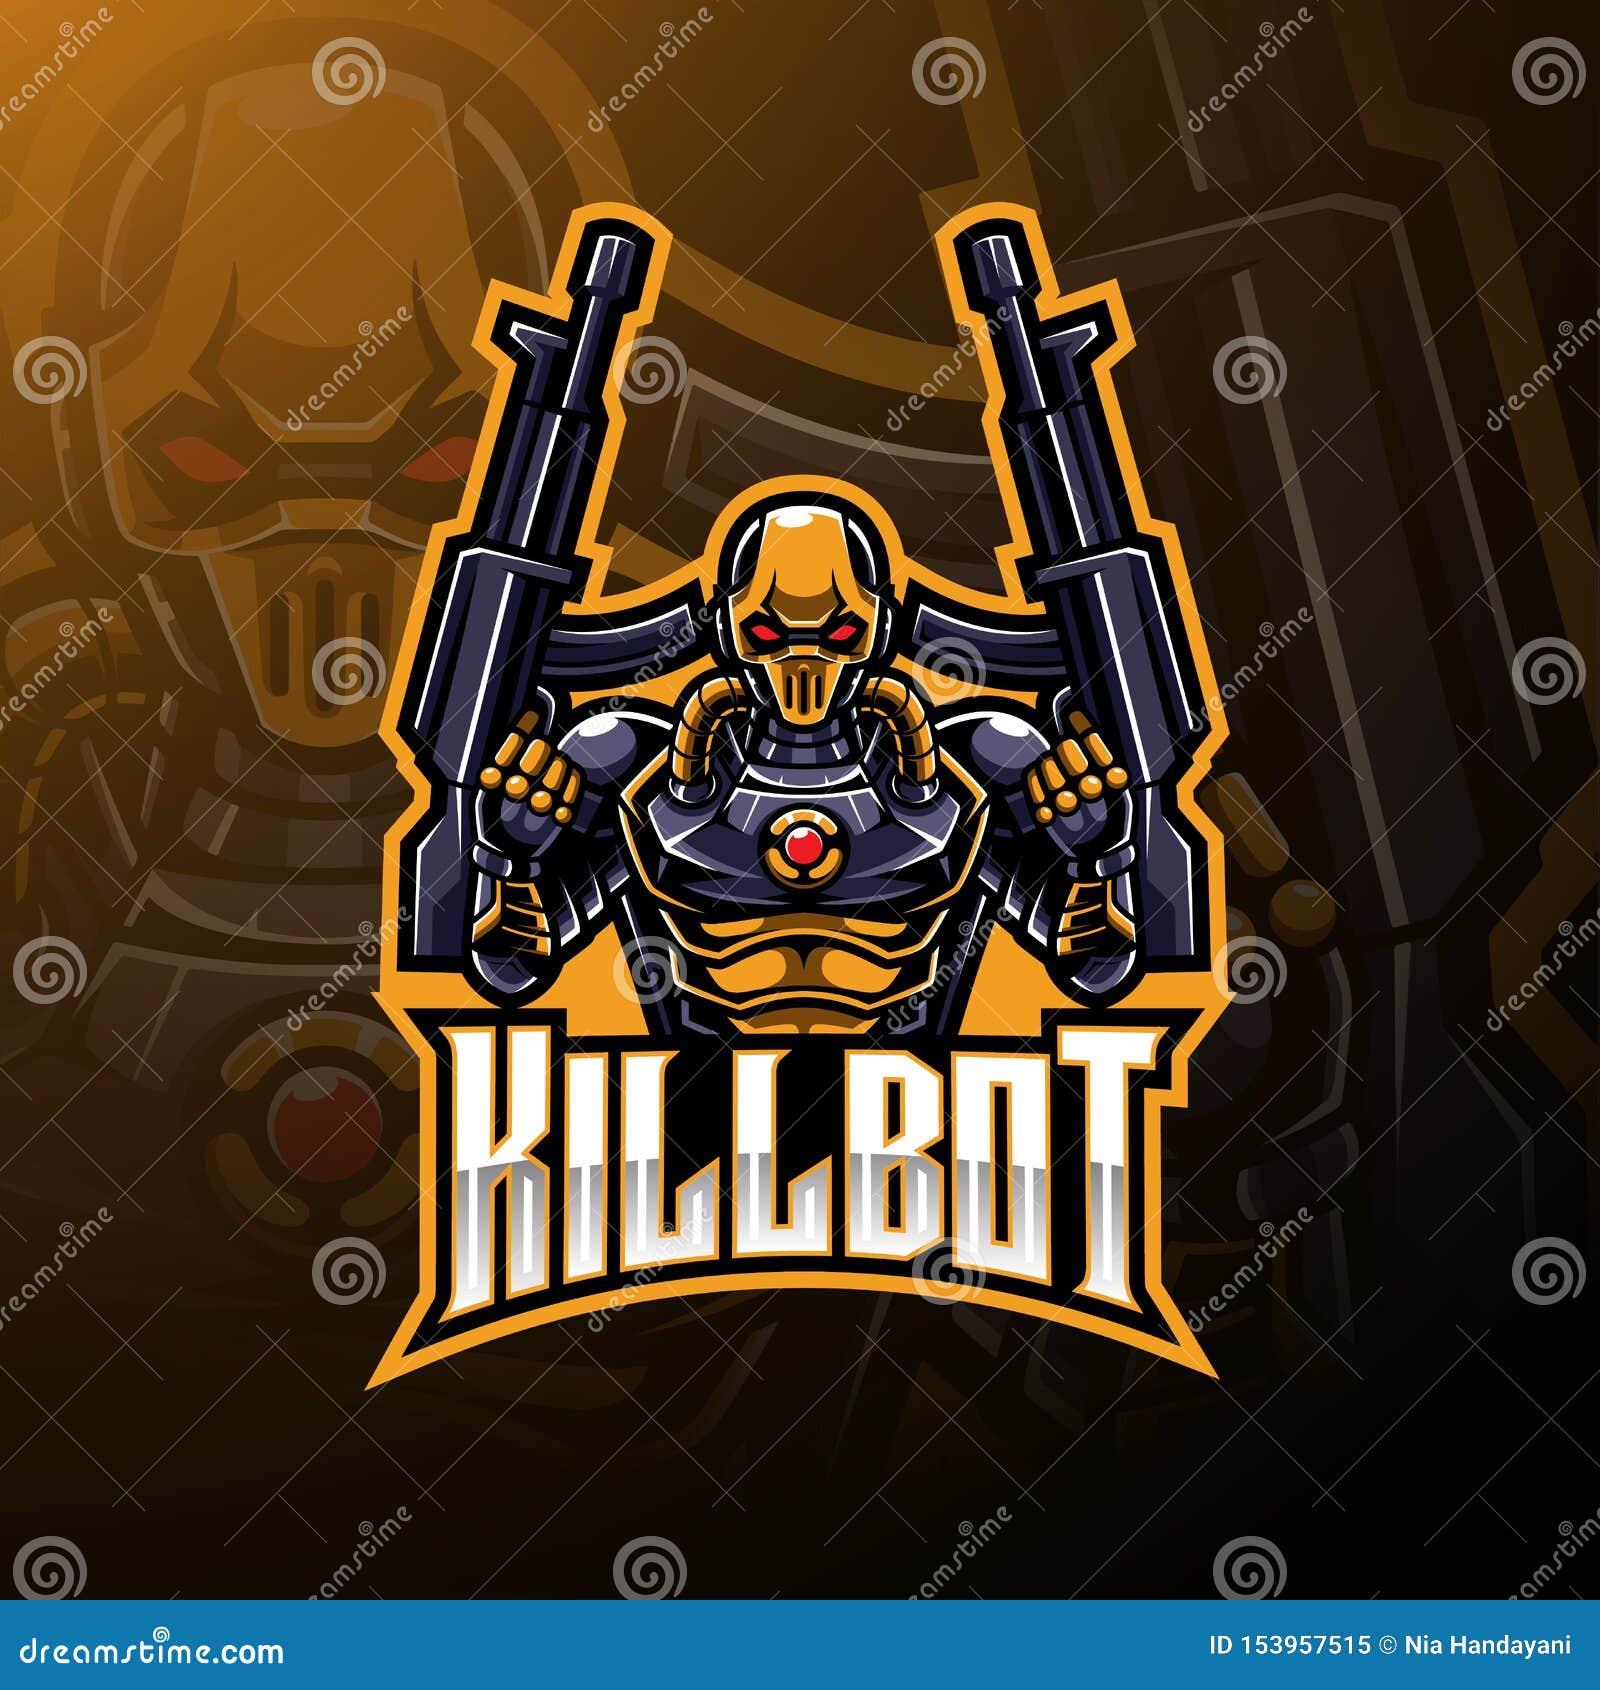 Kill robot mascot logo design